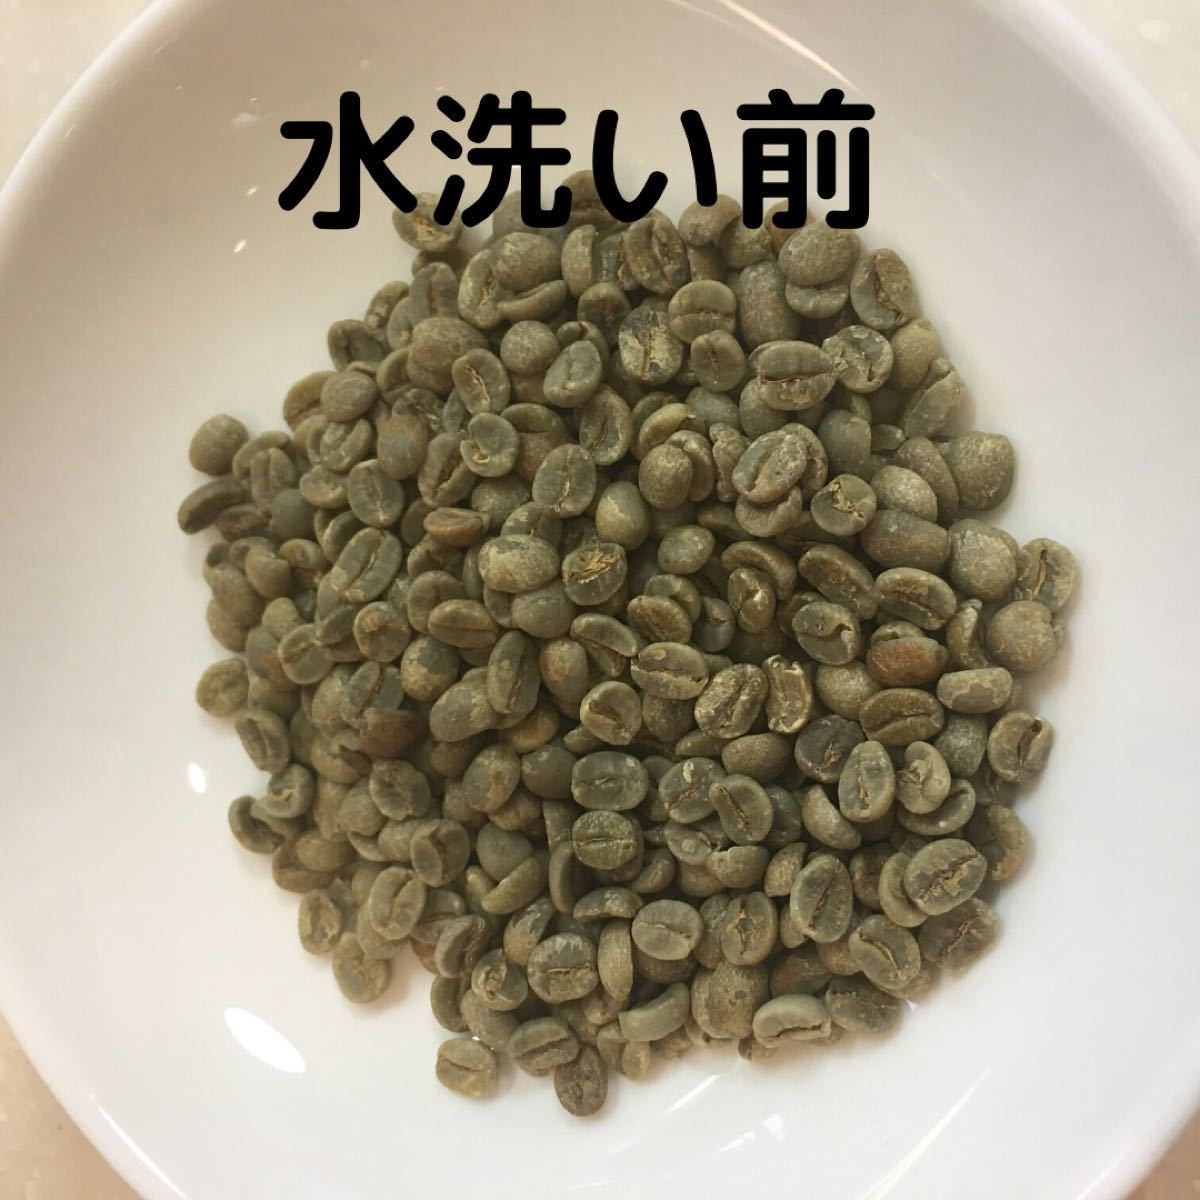 自家焙煎珈琲豆 ゲイシャブレンド 400g 豆又は粉 匿名配送